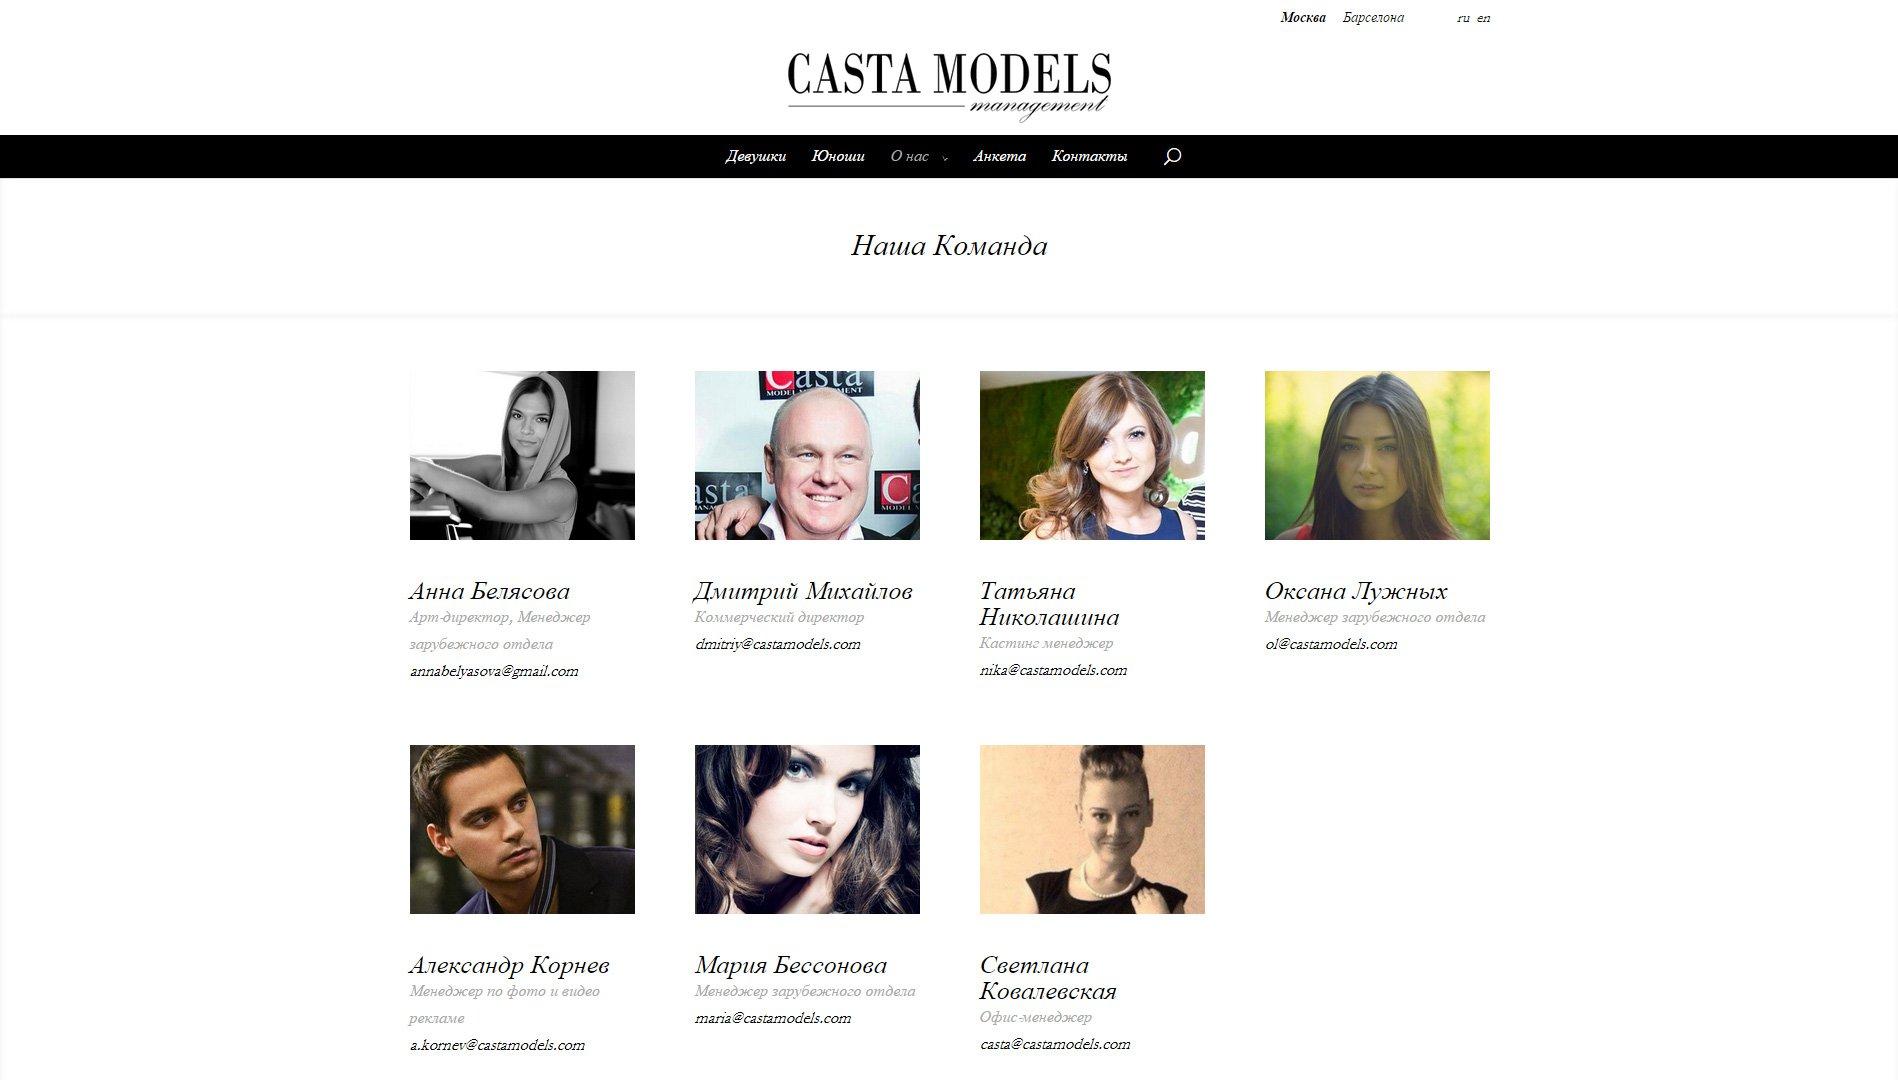 Создание сайта castamodels.com (10)